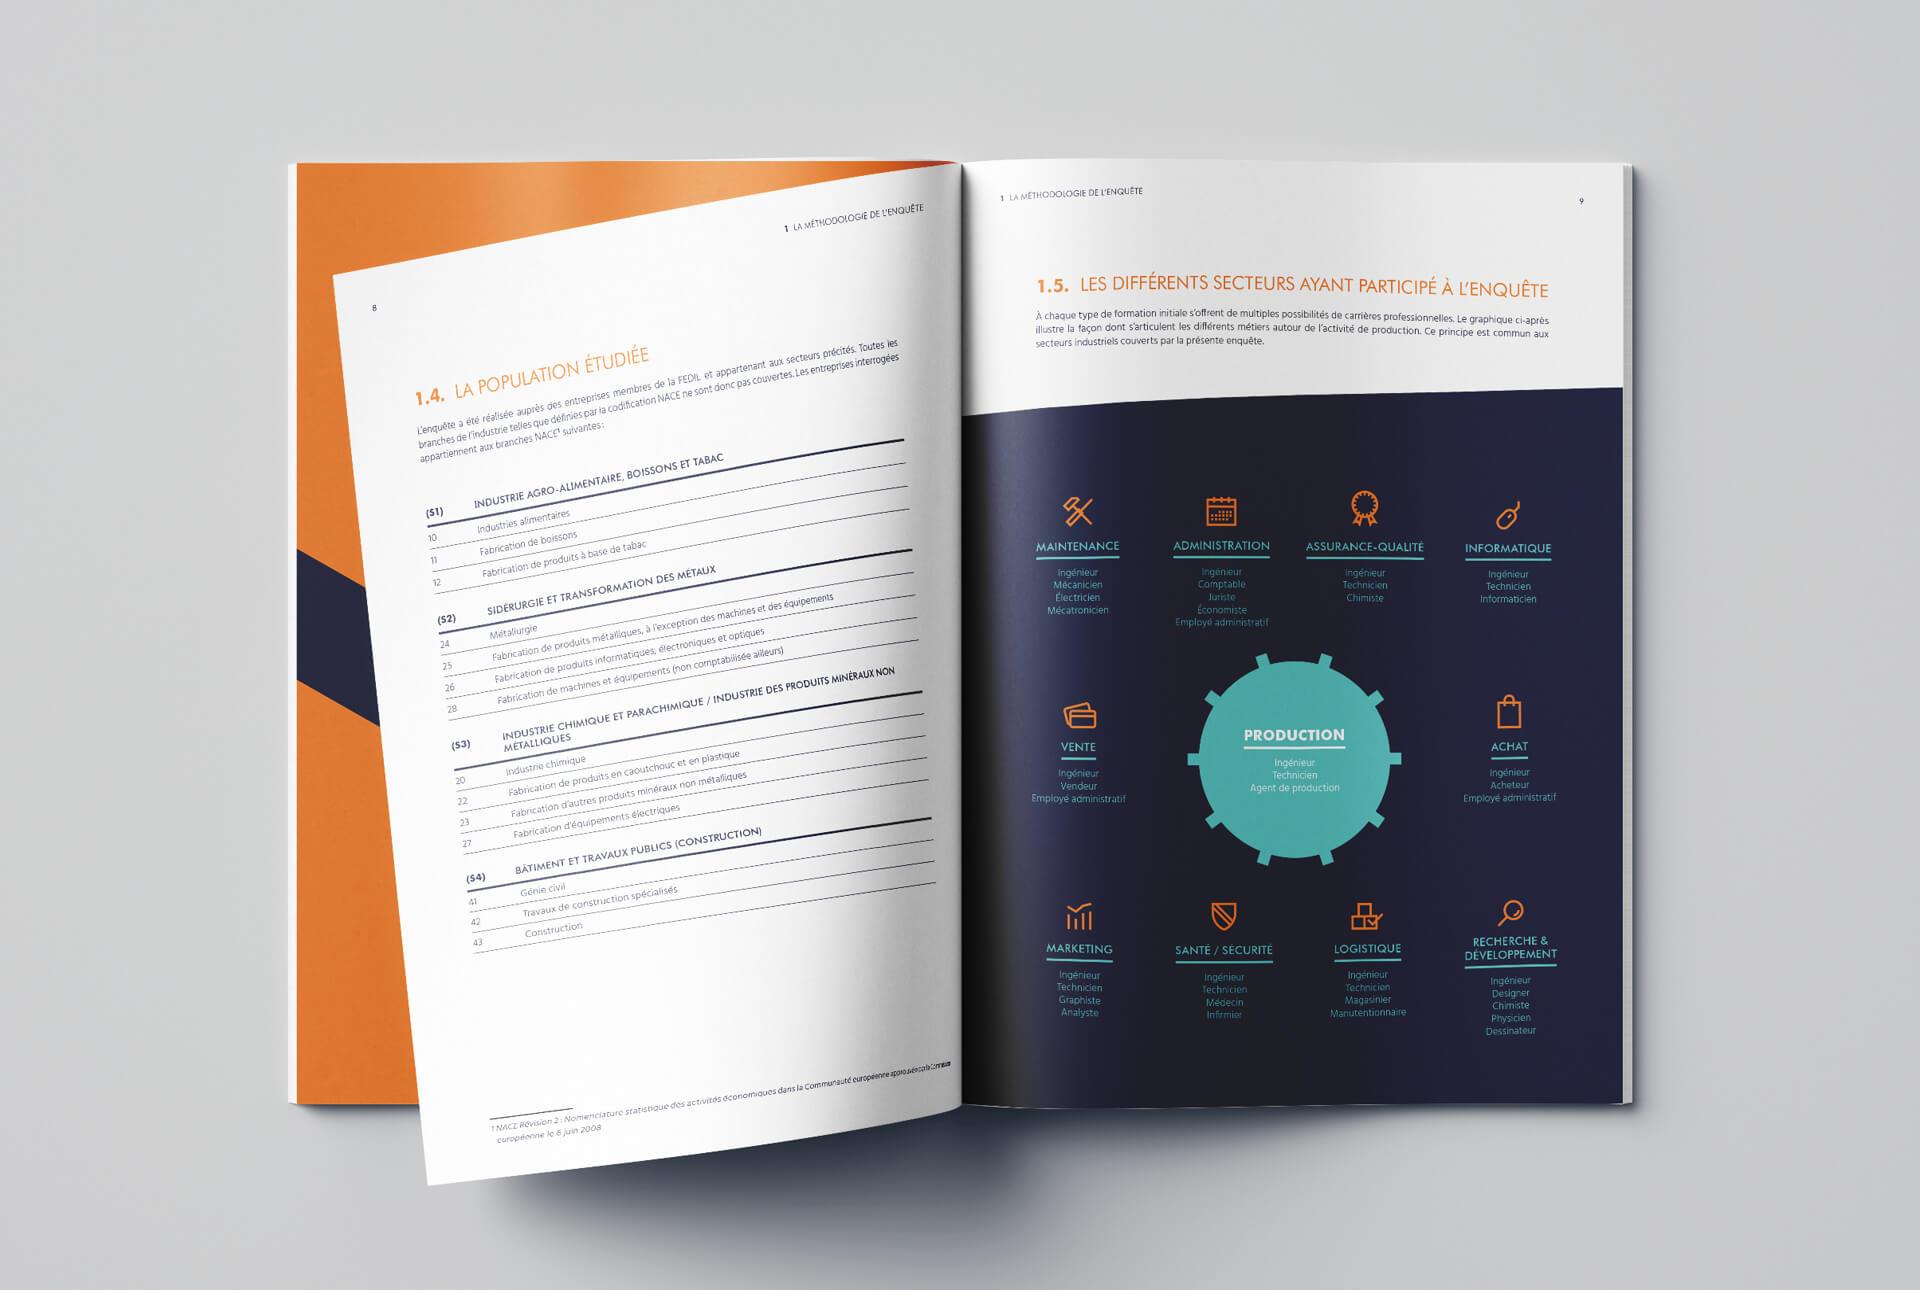 Brochure de la campagne Fedil pour les métiers de l'industrie, vue sur les secteurs ayant participé à l'enquête